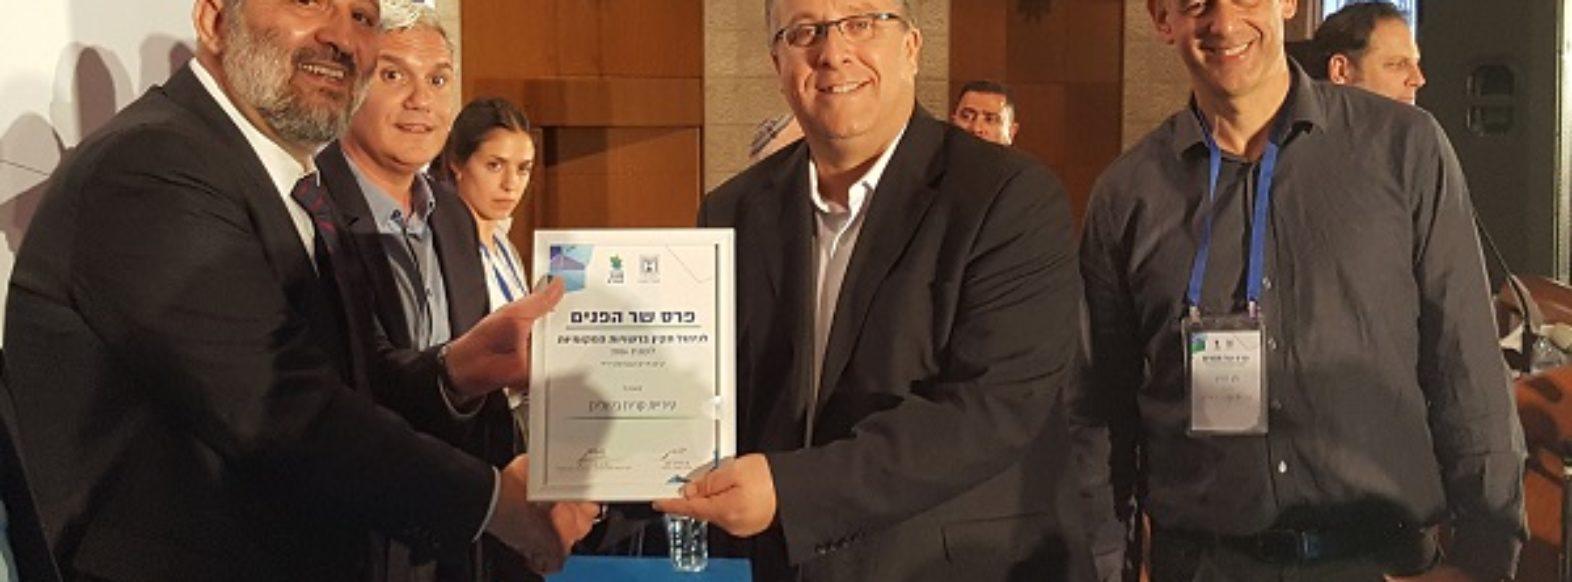 קריית ביאליק,פרס שר הפנים לניהול כספי תקין לשנת 2016